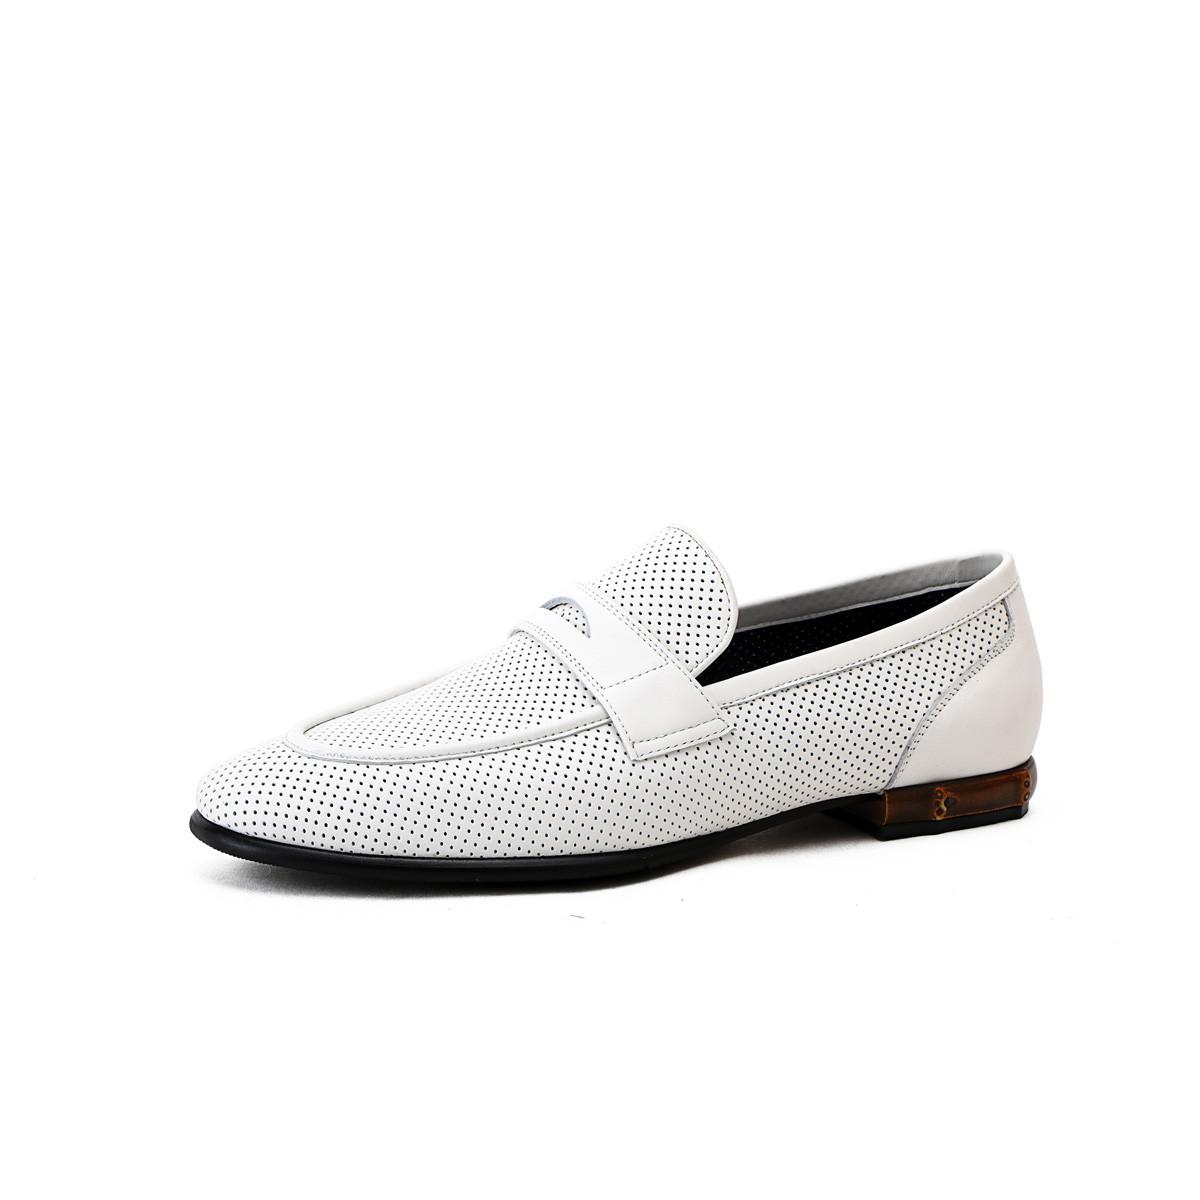 诺贝达2019新款 小牛皮商务休闲冲孔鞋一脚蹬男士皮鞋WRJ60591P